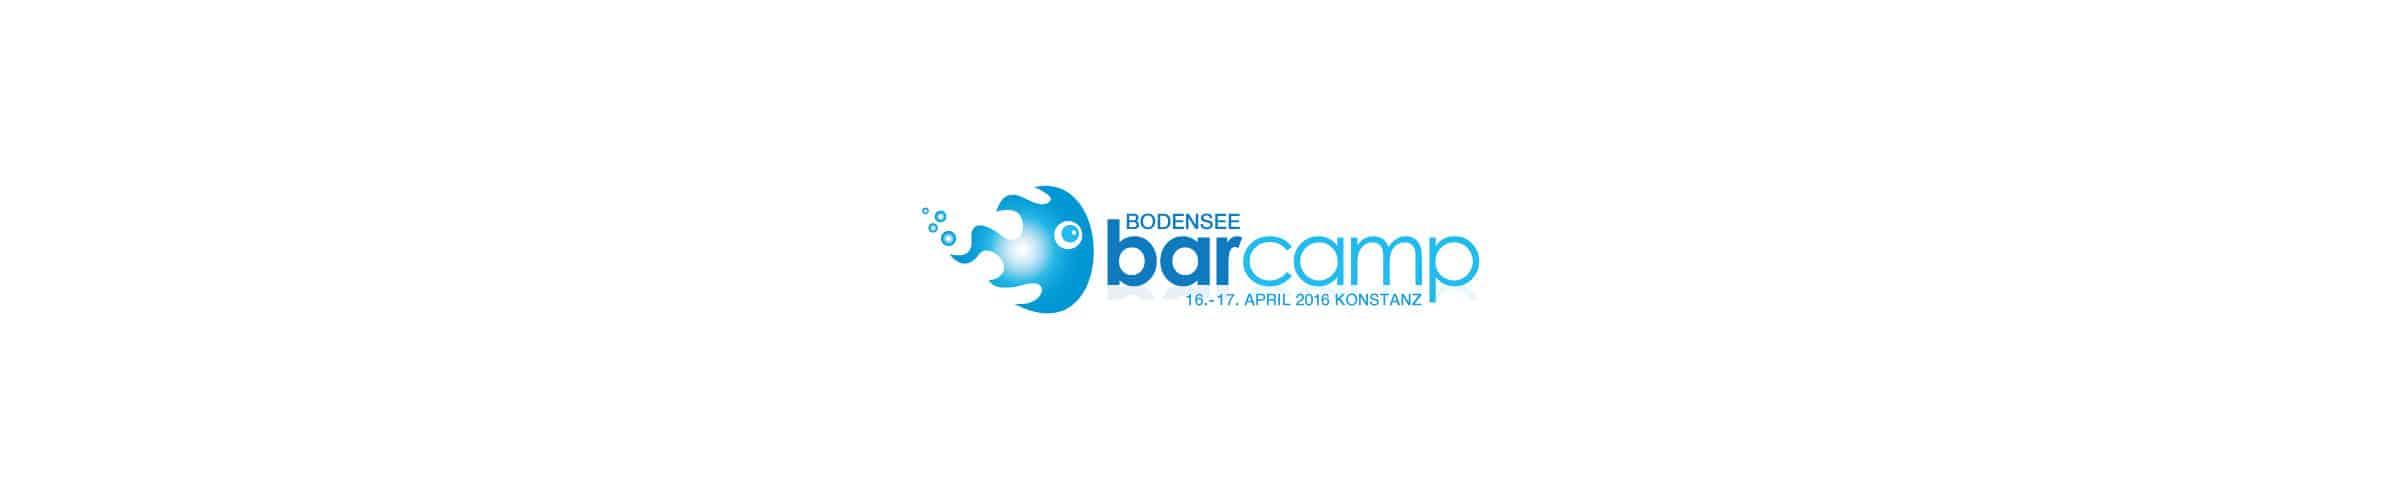 Barcamp Bodensee 2016 bist du auch dabei?